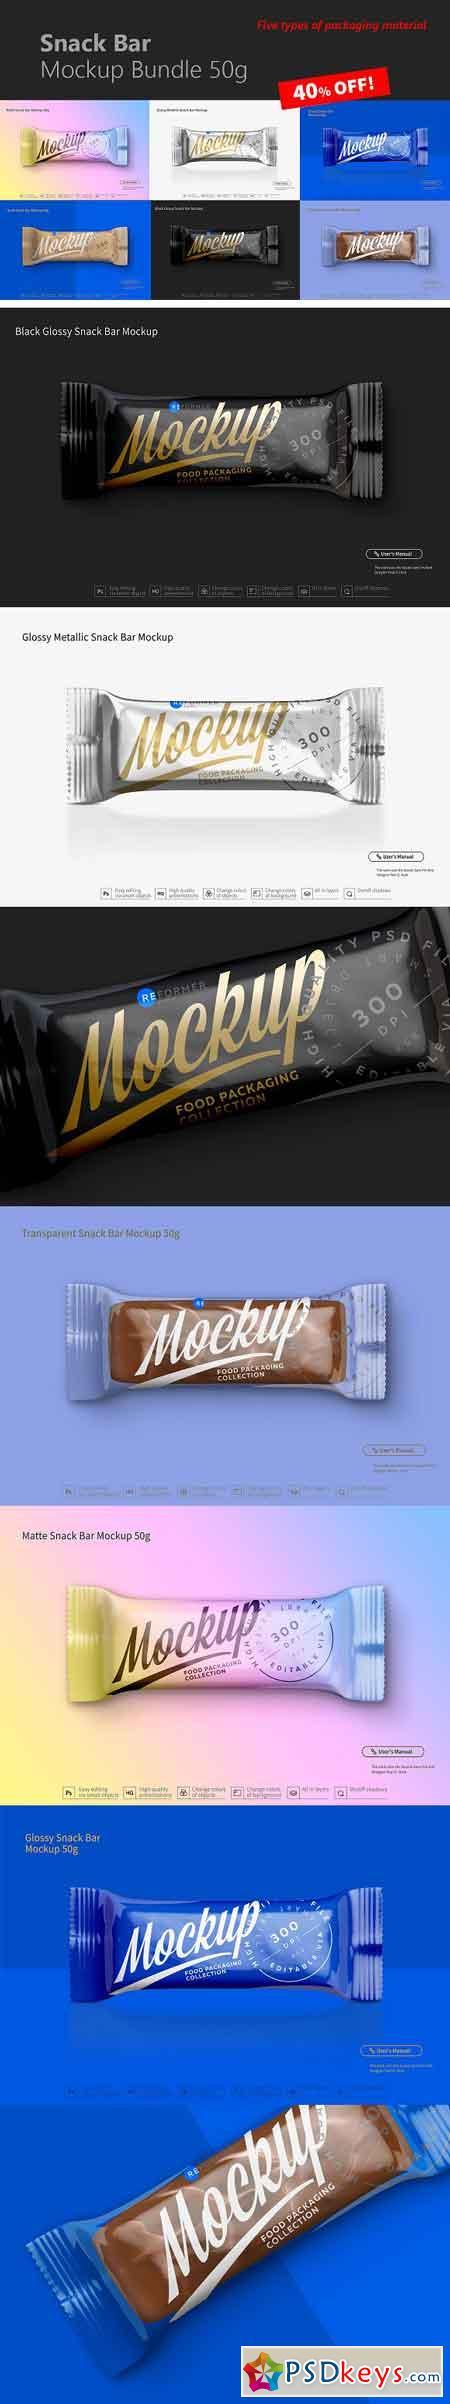 Snack Bar Mockup Bundle 50g 3165915